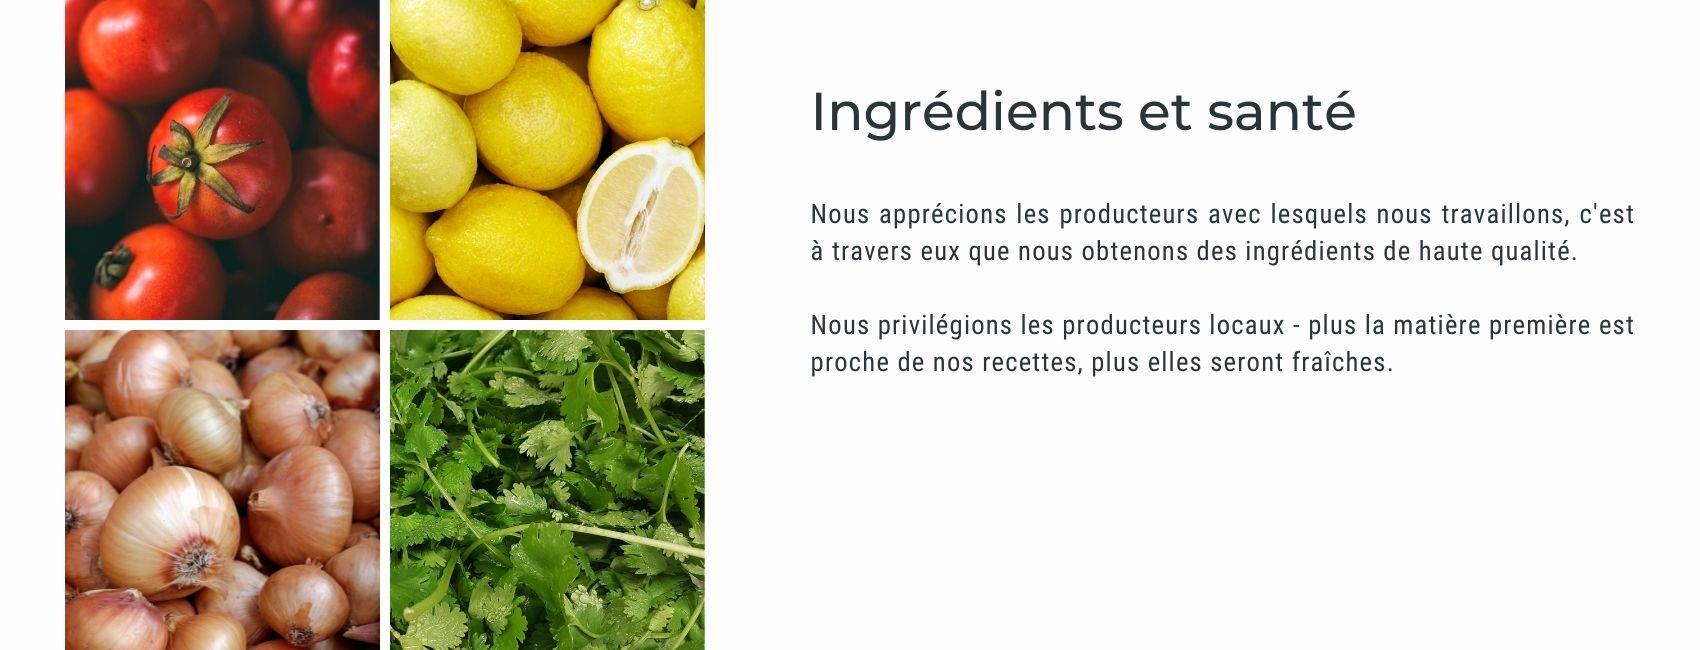 Nous apprécions les producteurs avec lesquels nous travaillons, c'est à travers eux que nous obtenons des ingrédients de haute qualité.  Nous privilégions les producteurs locaux - plus la matière première est proche de nos recettes, plus elles seront fraîches.